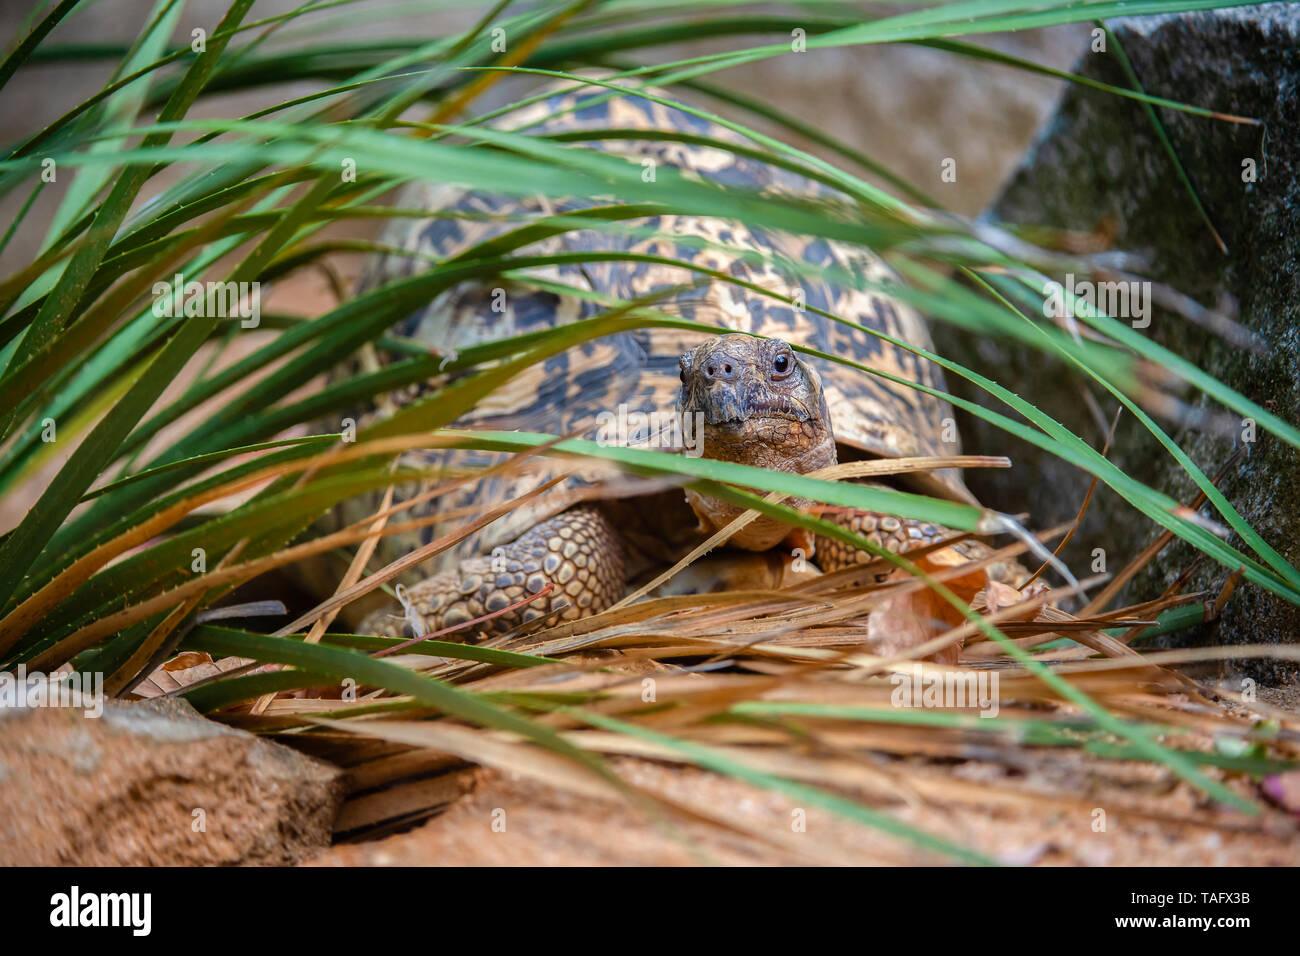 Leopard tortoise (Stigmochelys pardalis) among the vegetation, BioParc, Doue-la-Fontaine, Pays de la Loire, France - Stock Image